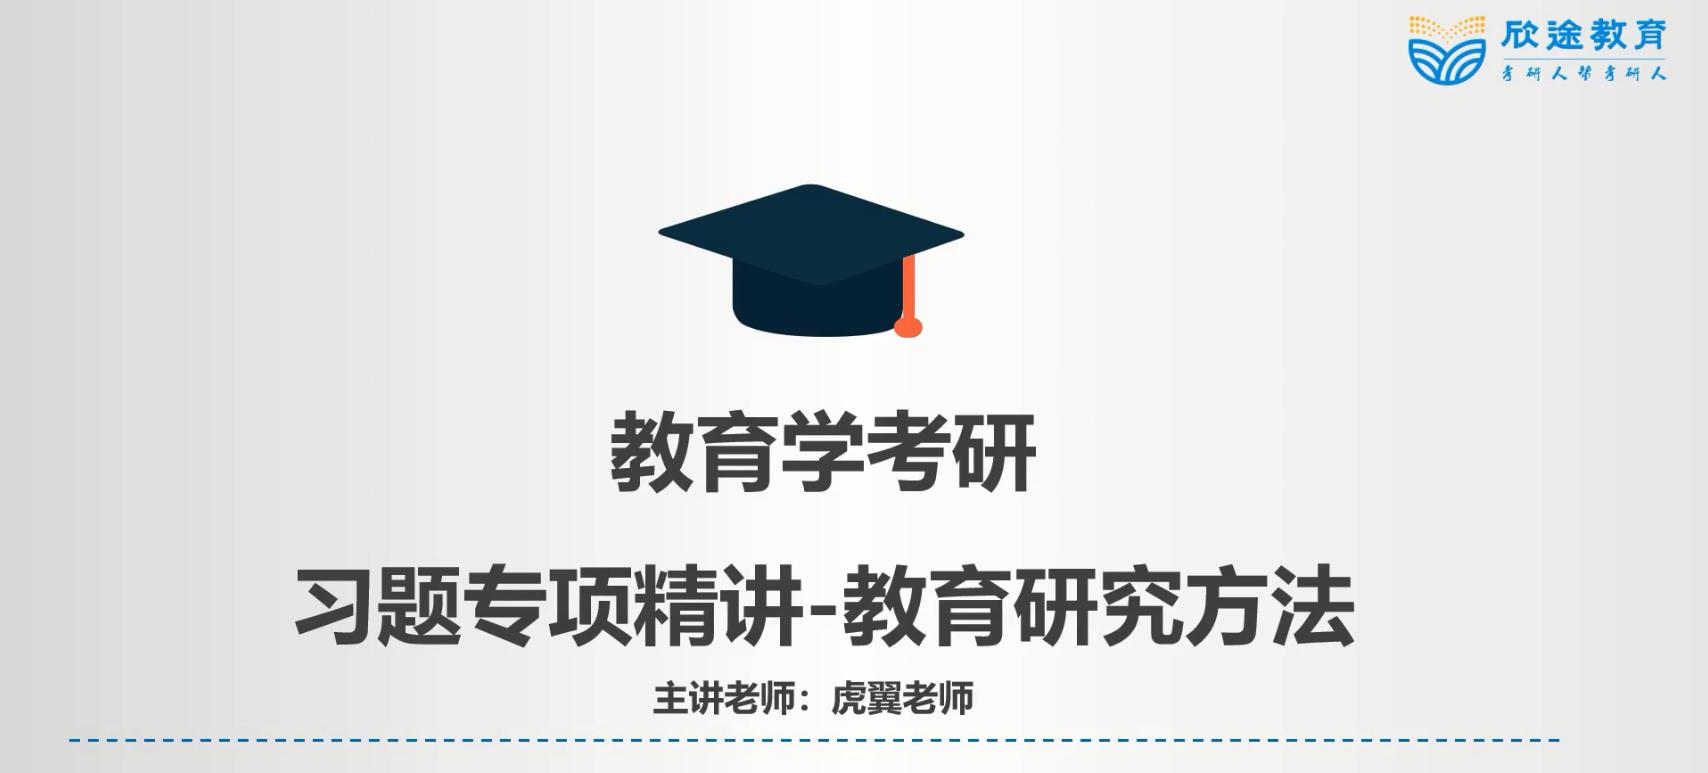 【2021教育学考研】欣途VIP专属课堂-习题专项精讲-研究方法